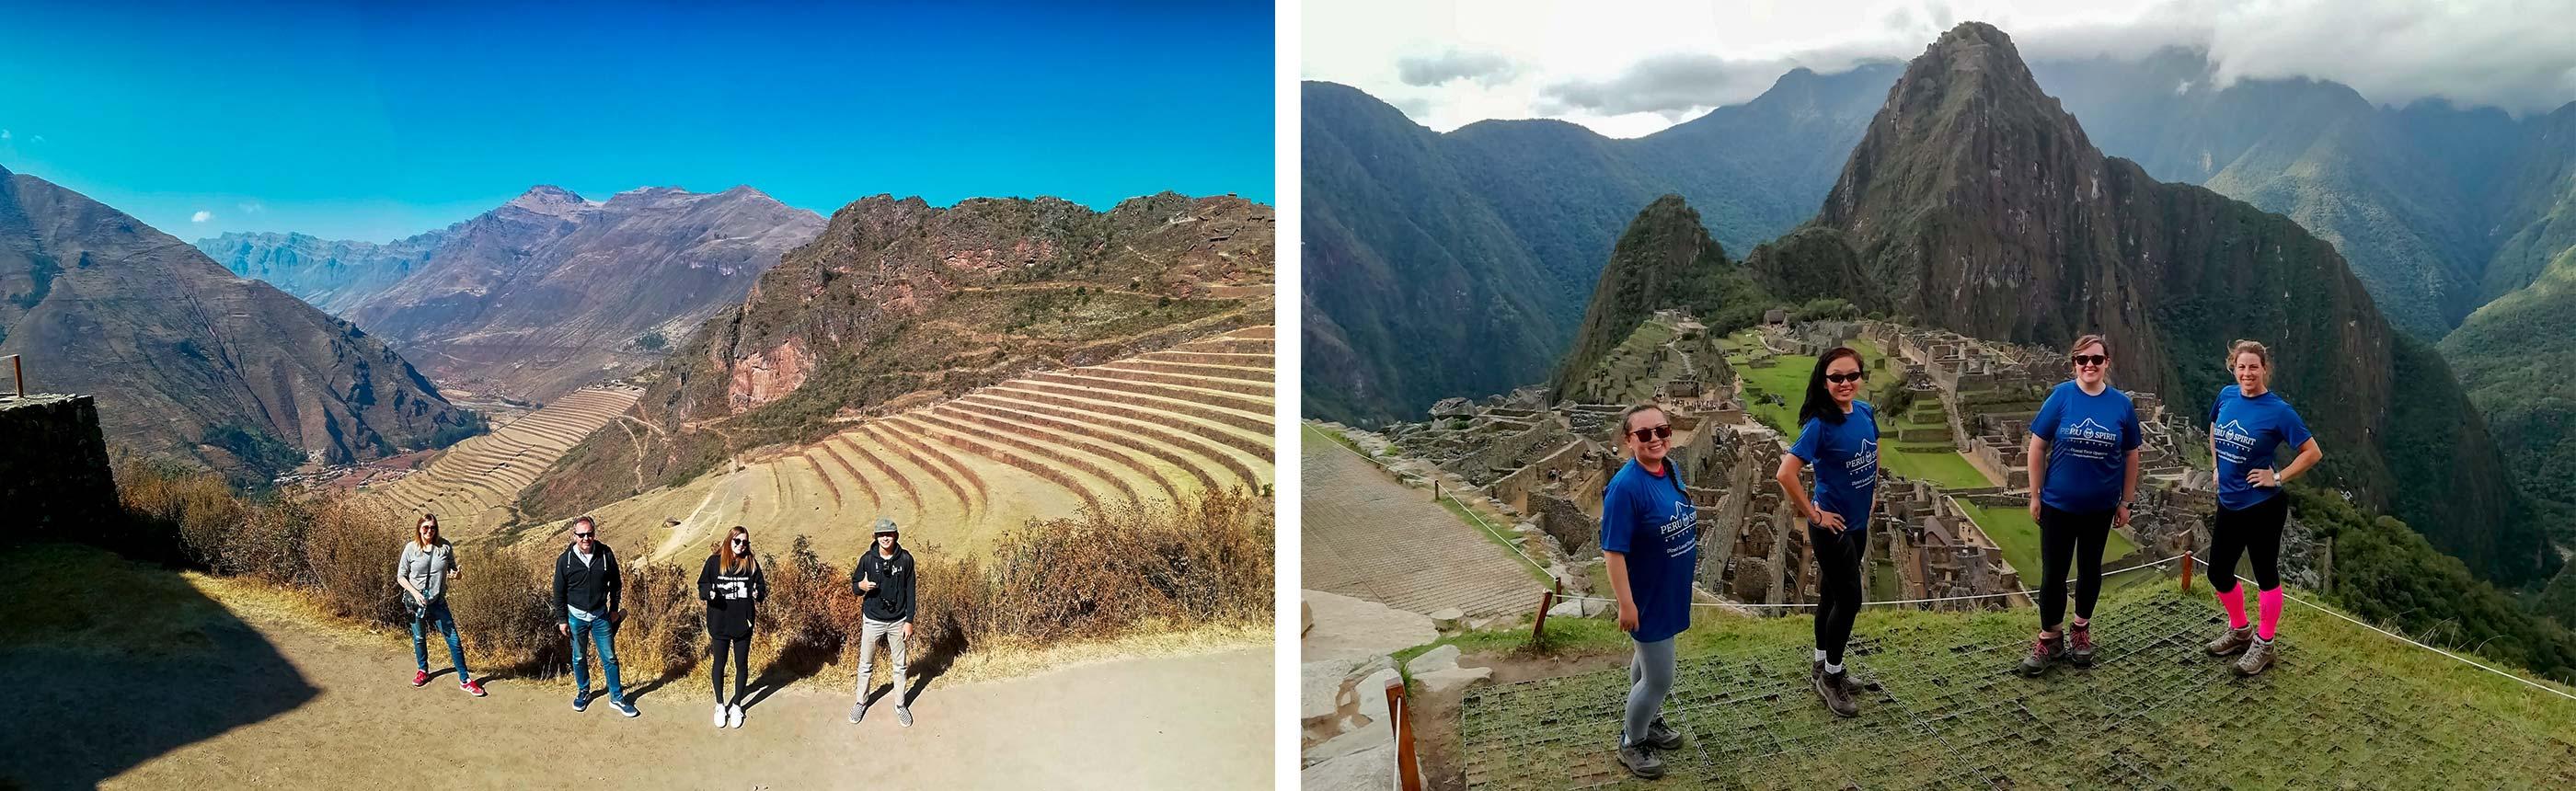 Magical Cusco & Machu Picchu Tour 4 Days